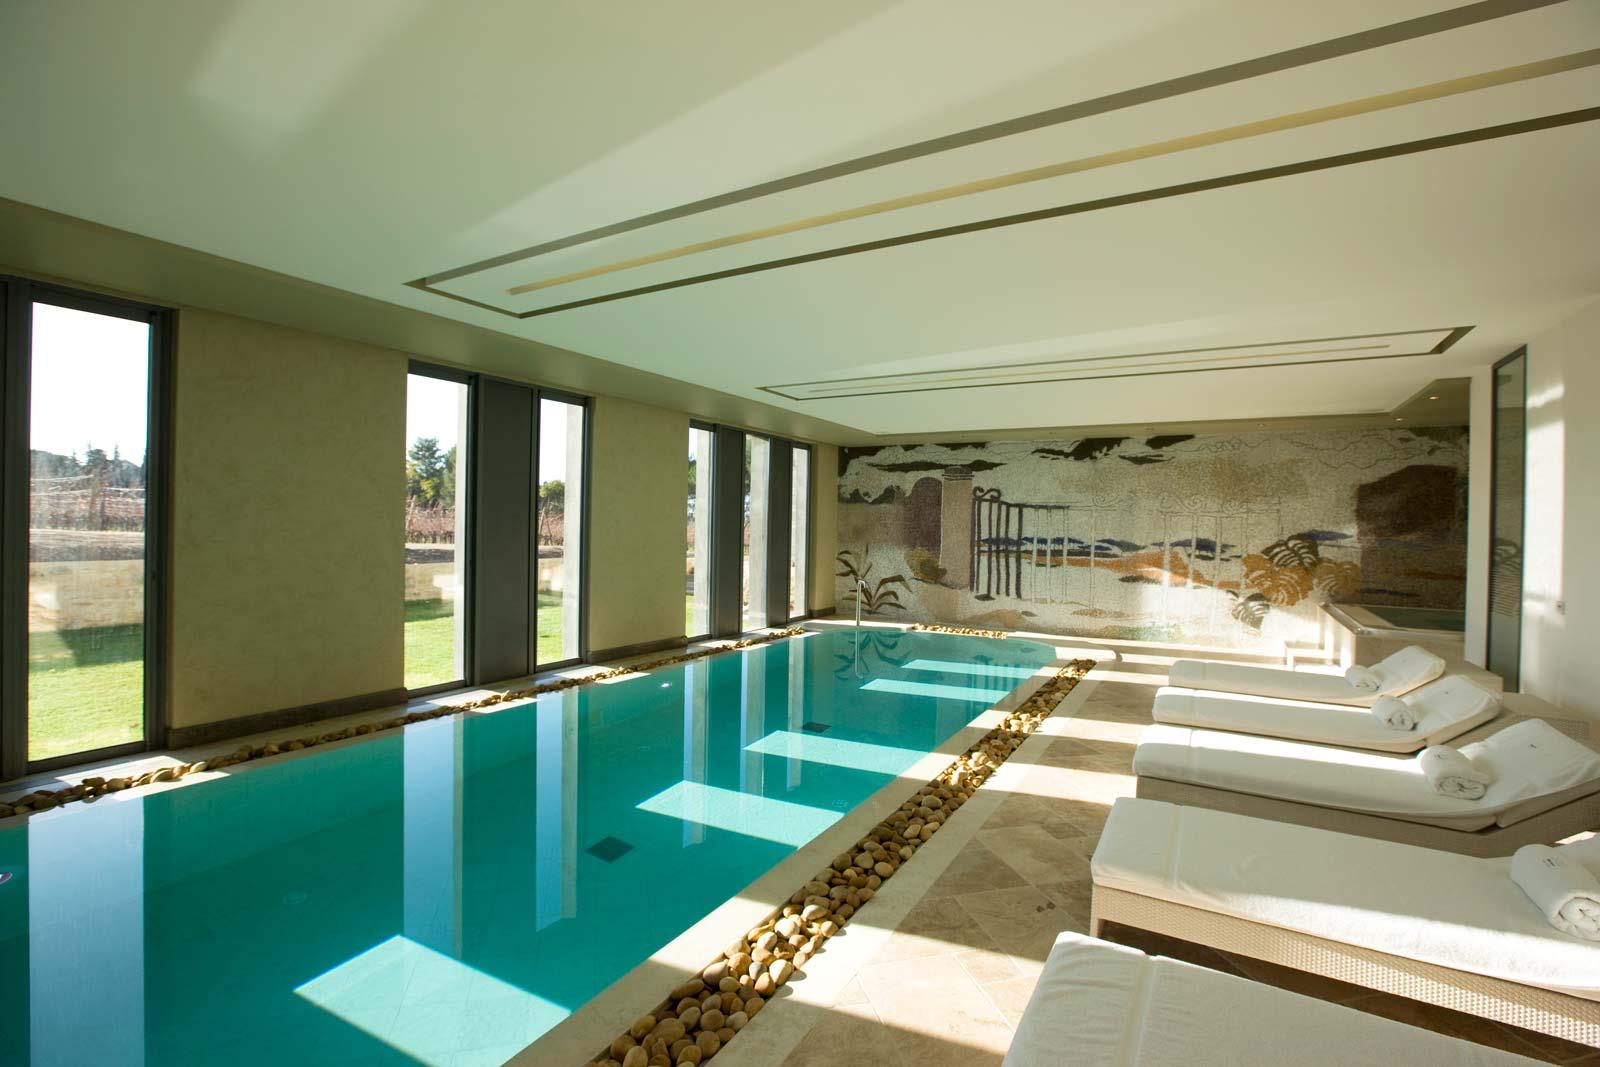 Gina Baksa Reviews the Luxurious La Domaine de Verchant Hotel & Spa 8